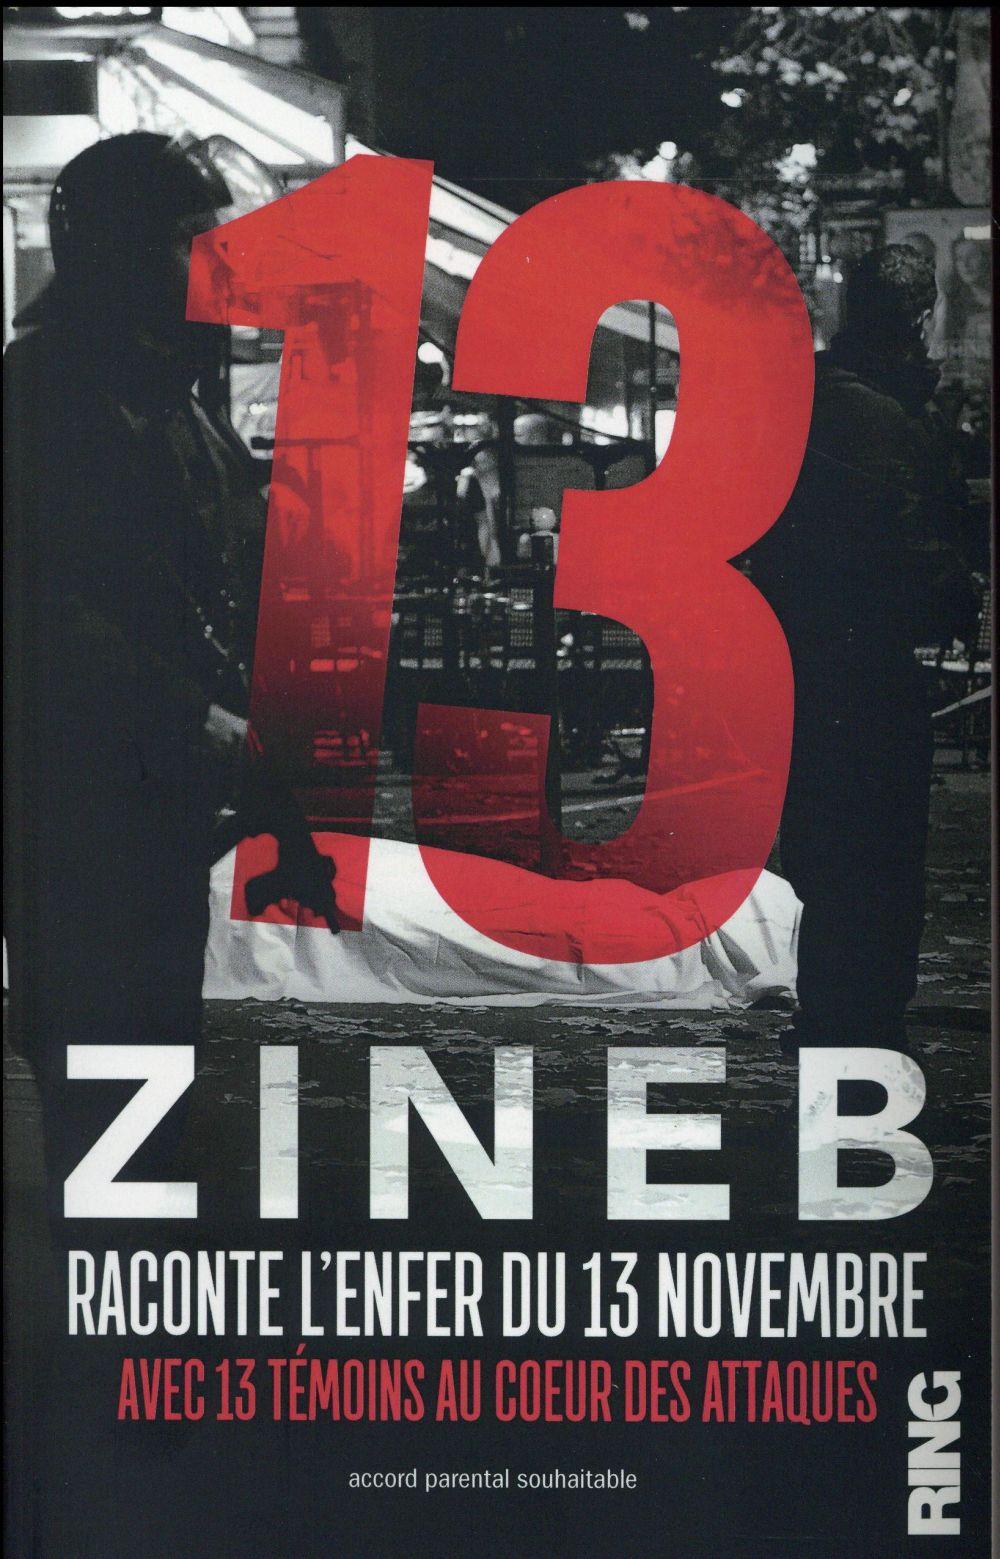 13 ; Zineb raconte l'enfer du 13 novembre ; avec 13 témoins au coeur des attaques